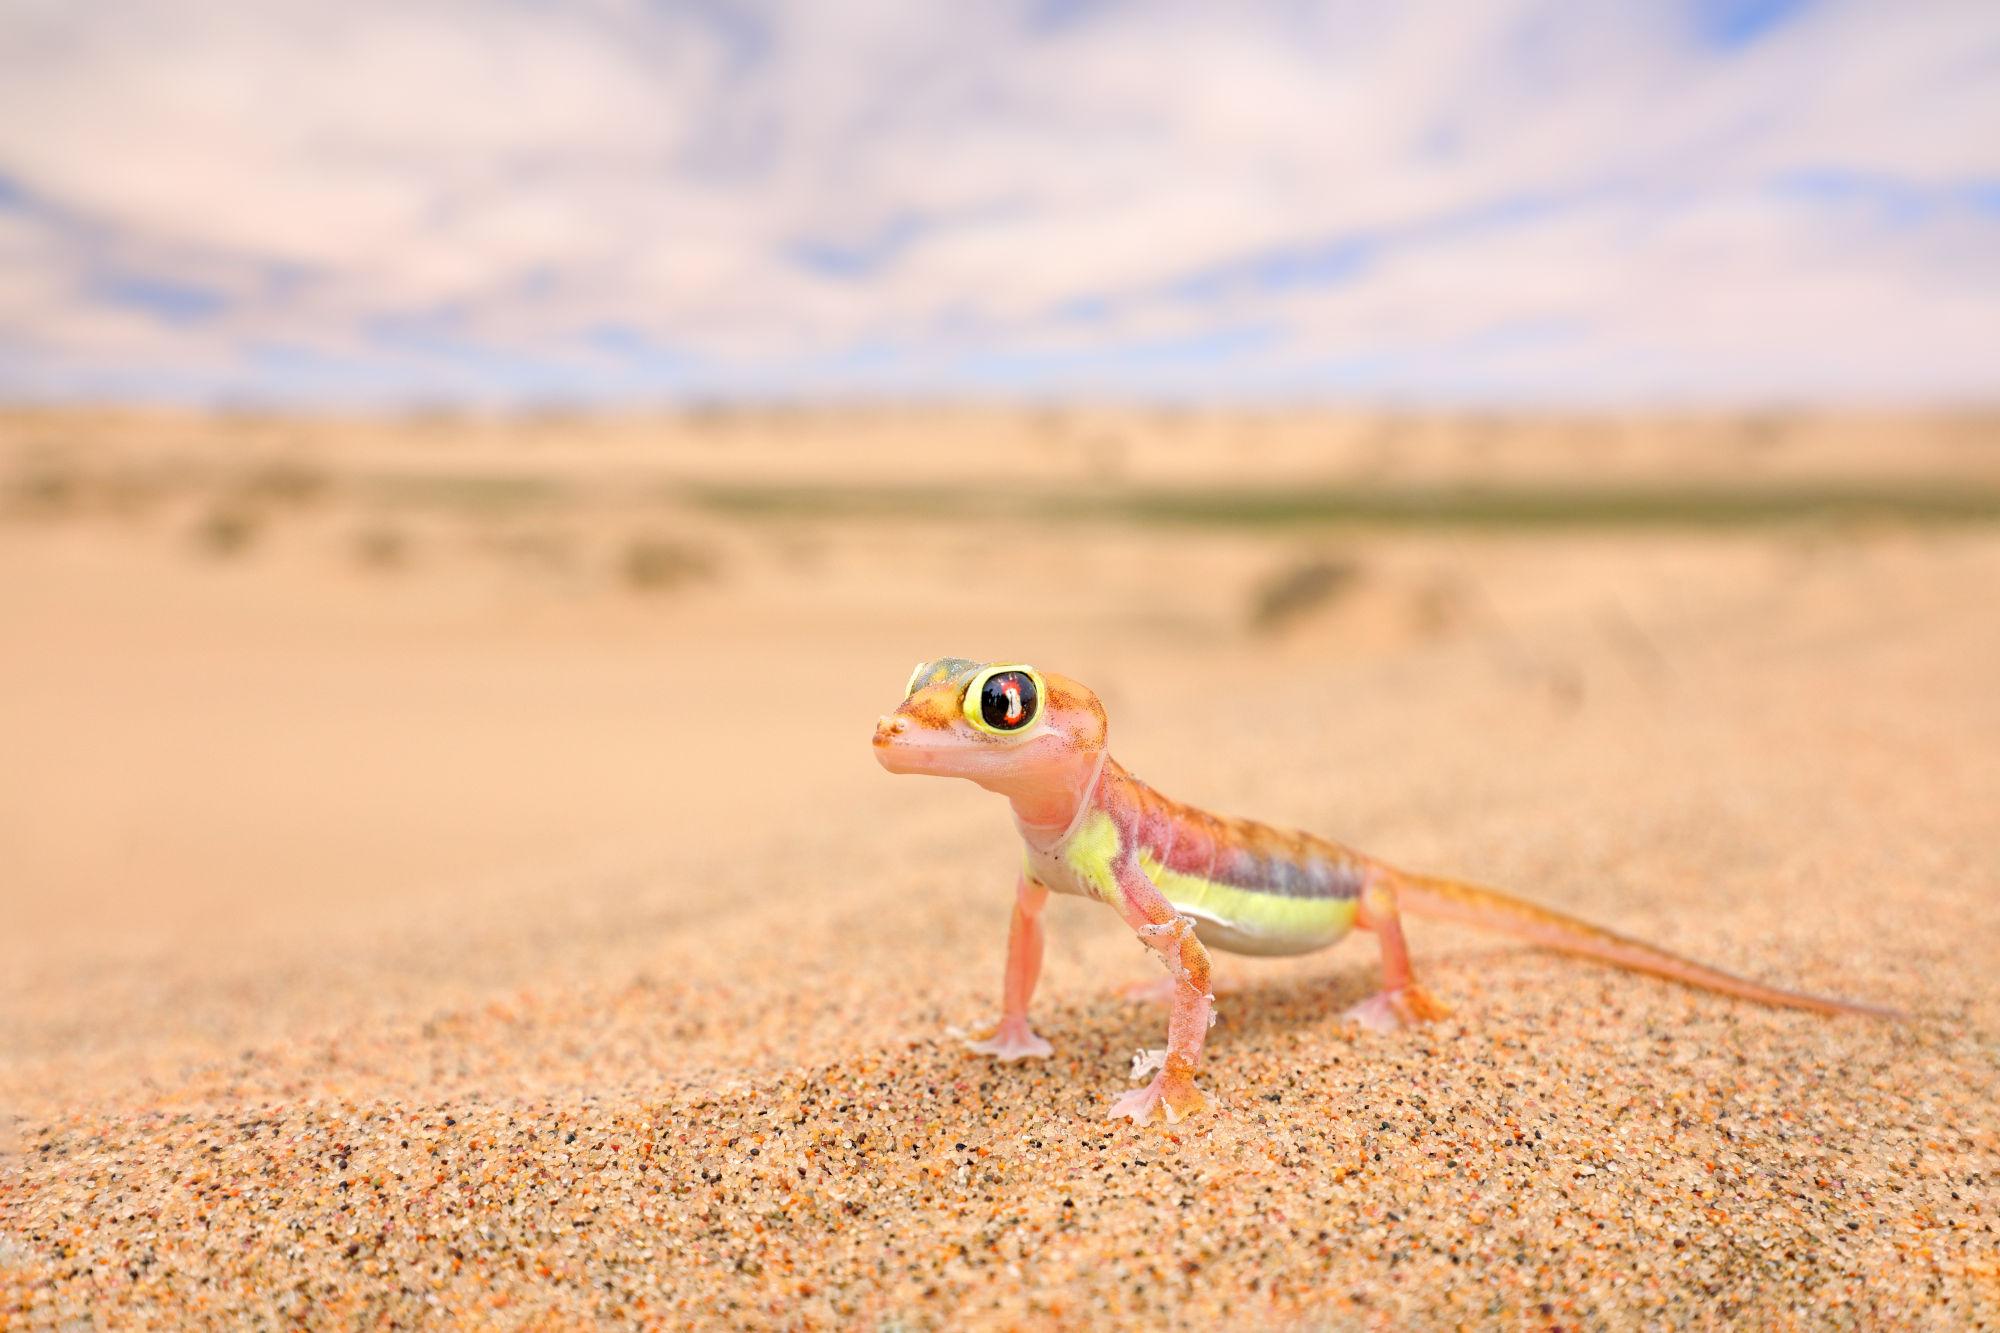 IT Service Berlin Wüste mit Gecko als Symbol für Servicewüste